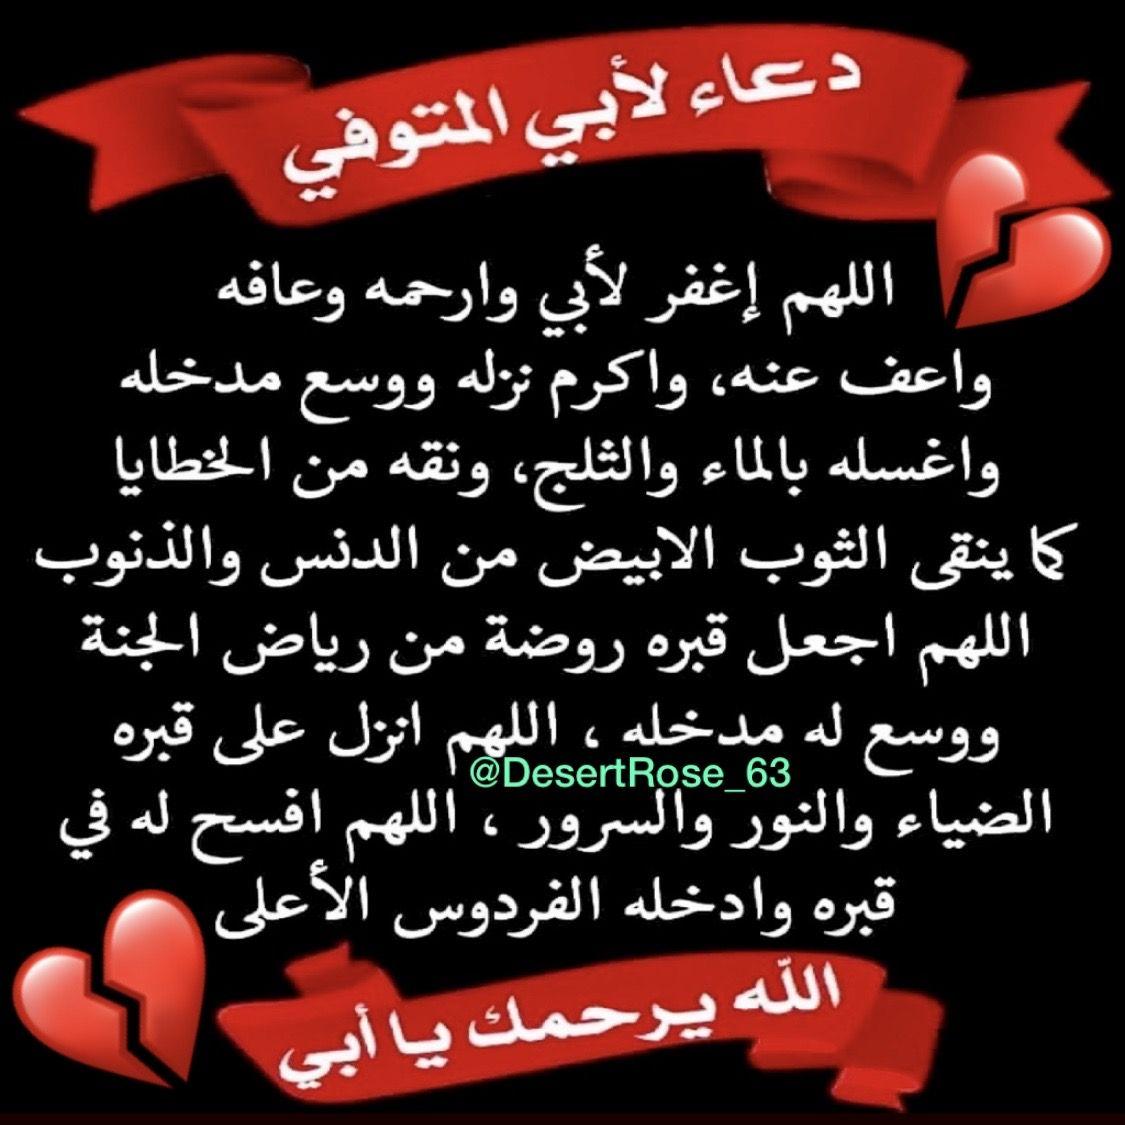 رحمك الله يا أبي وأسكنك الفردوس الأعلى من الجنة بلا حساب ولا سابق عذاب Arabic Words Words